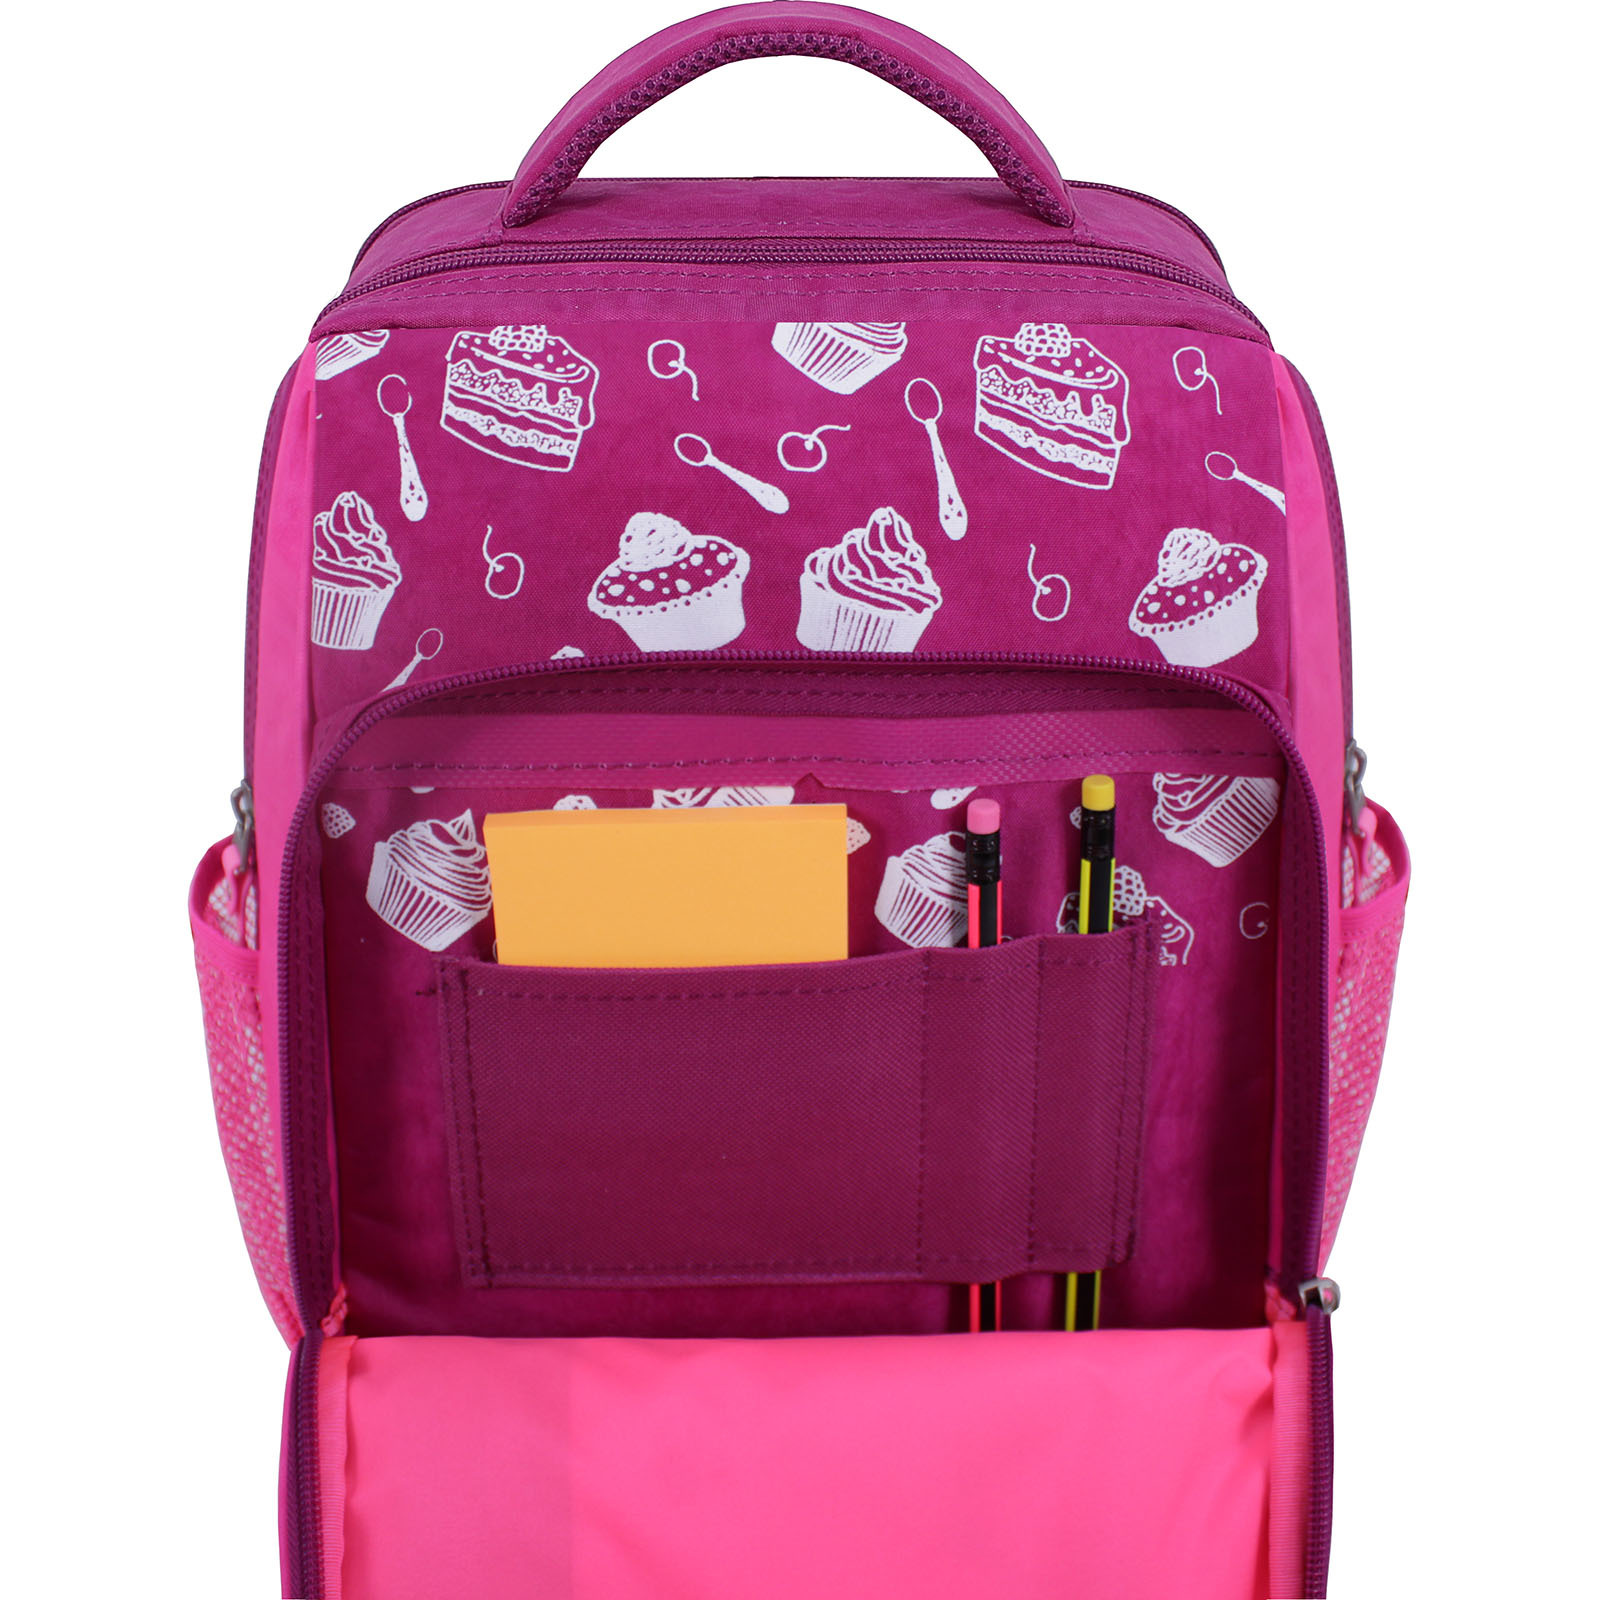 Рюкзак школьный Bagland Школьник 8 л. 143 малиновый 593 (0012870) фото 4